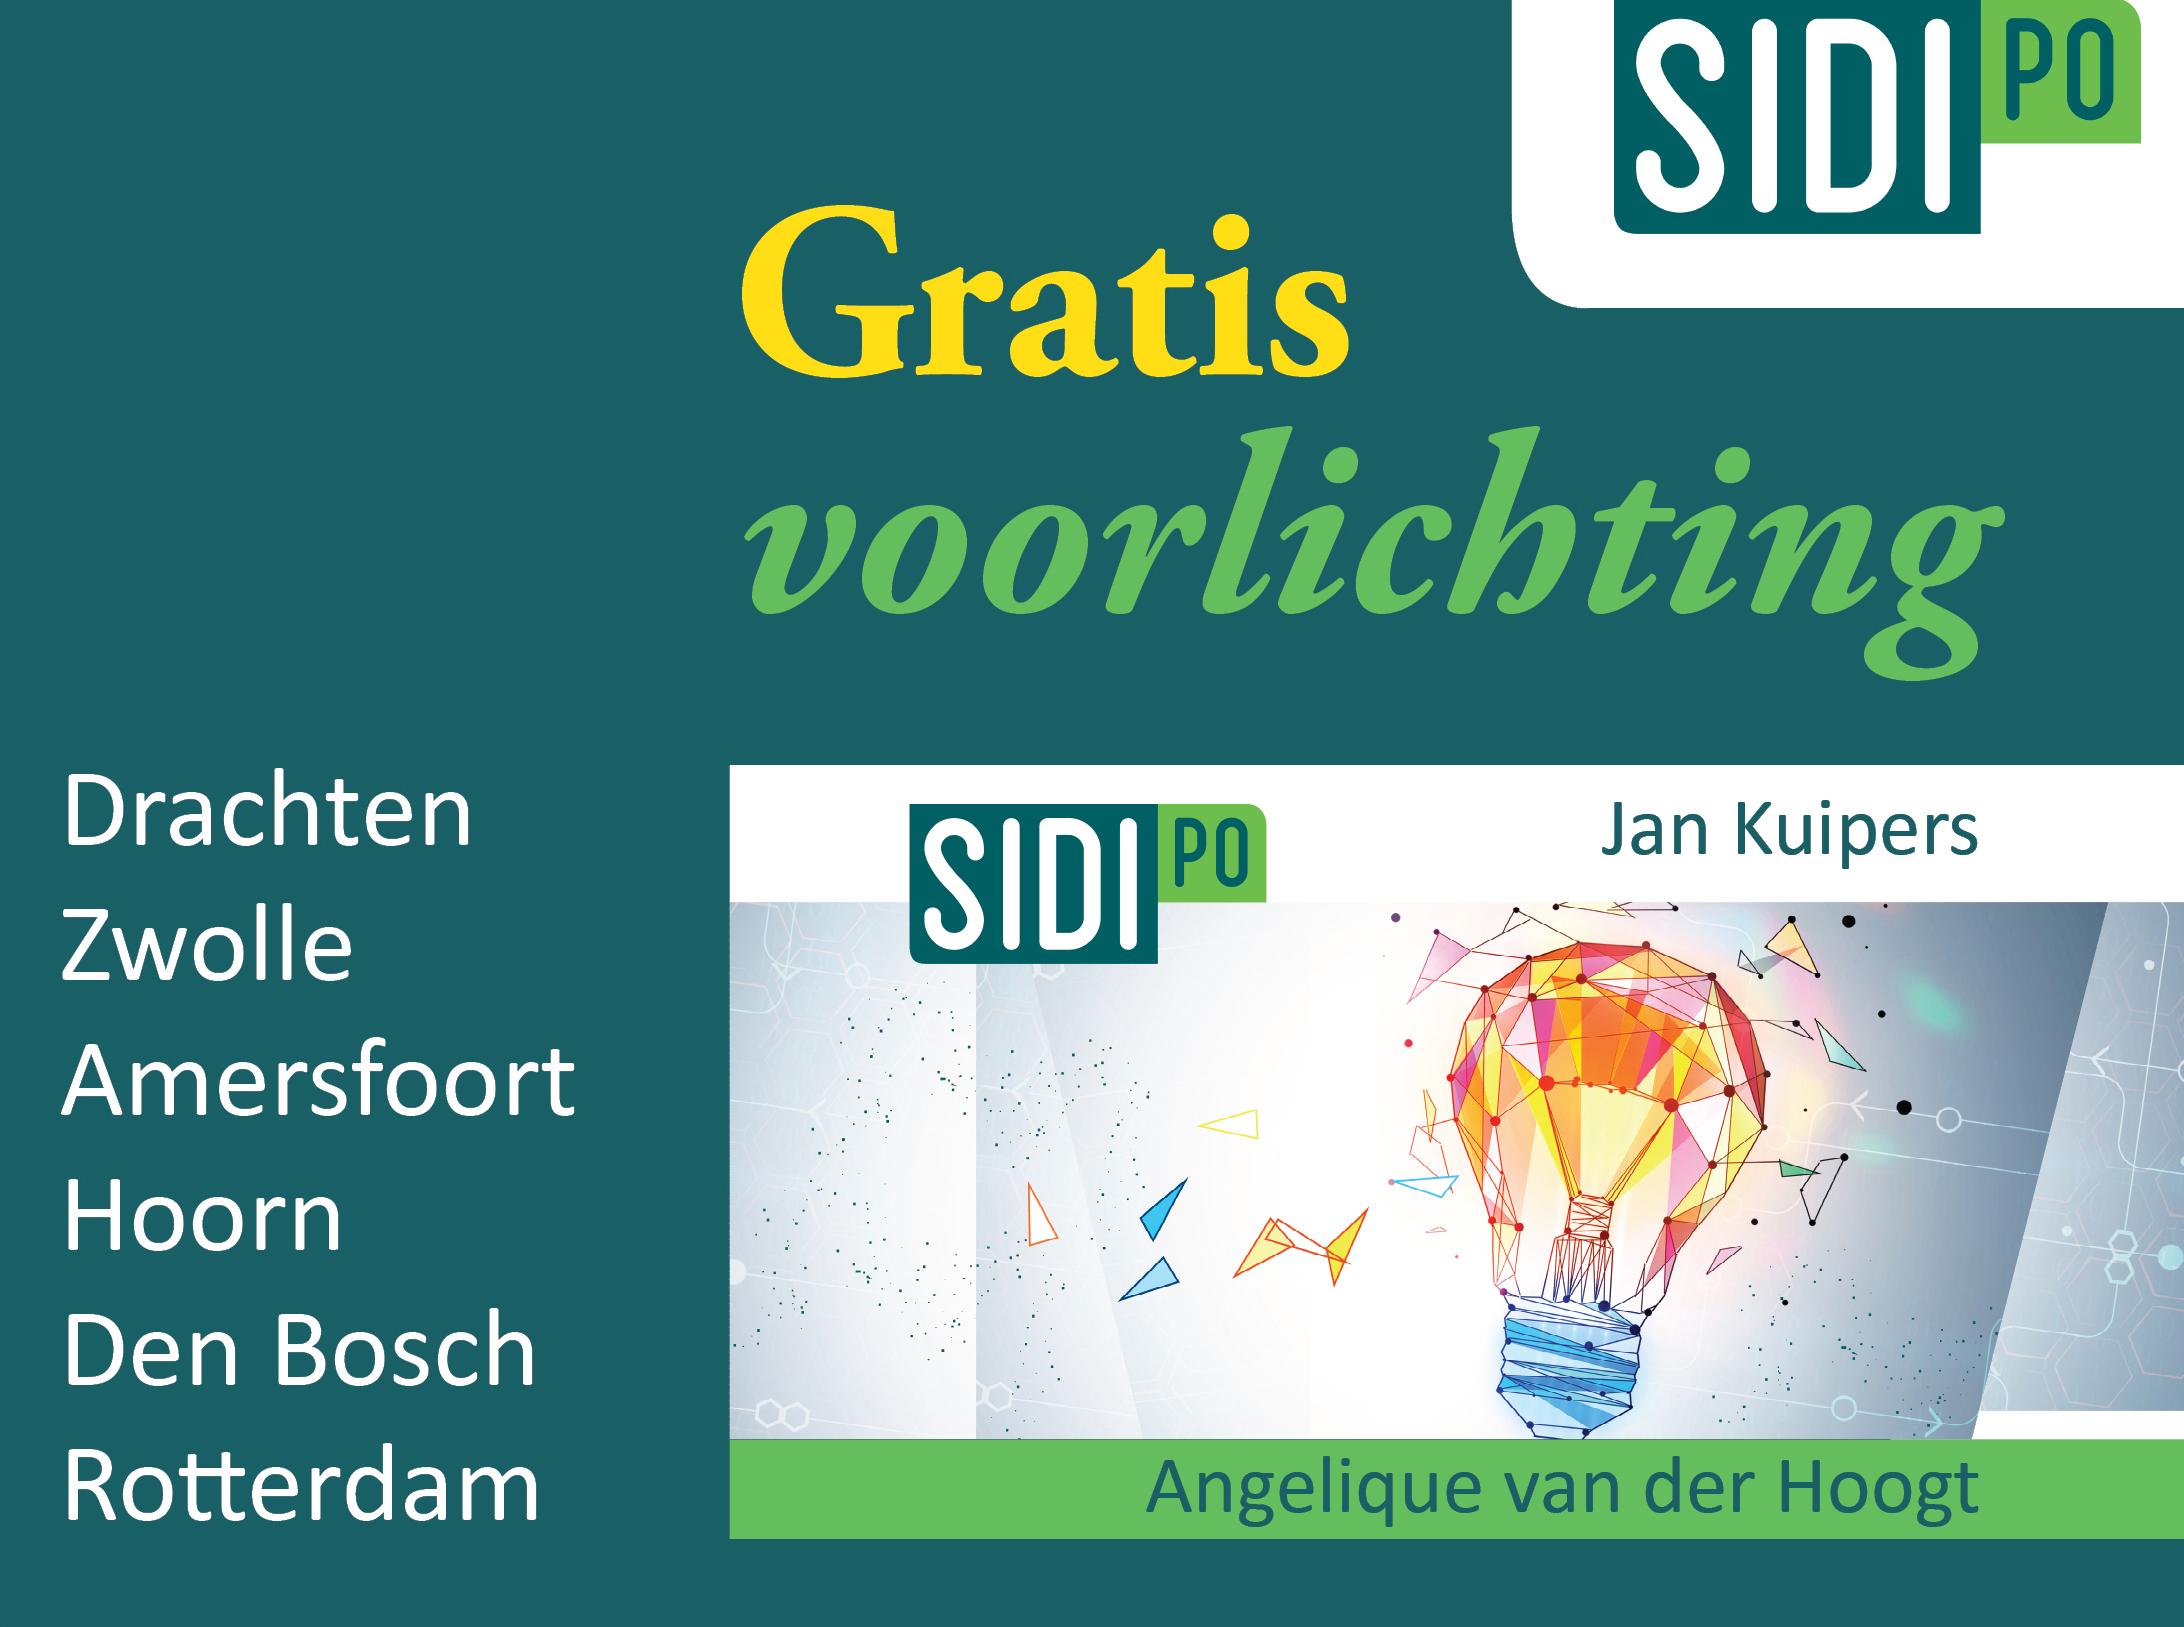 Gratis voorlichtingsbijeenkomsten Sidi PO